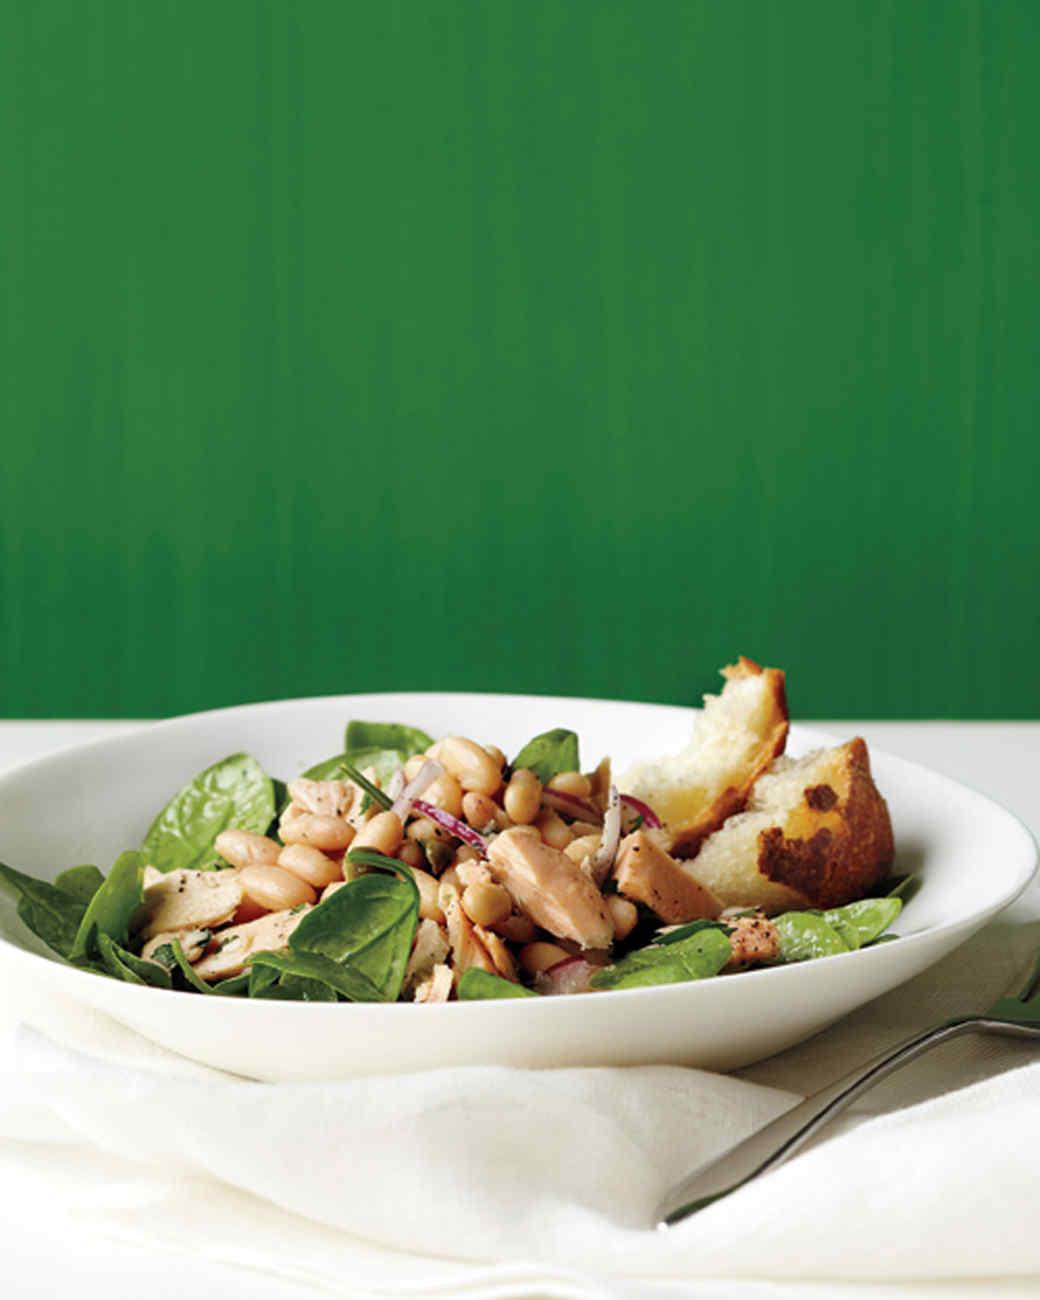 med105737_0510_whitebean_salad.jpg